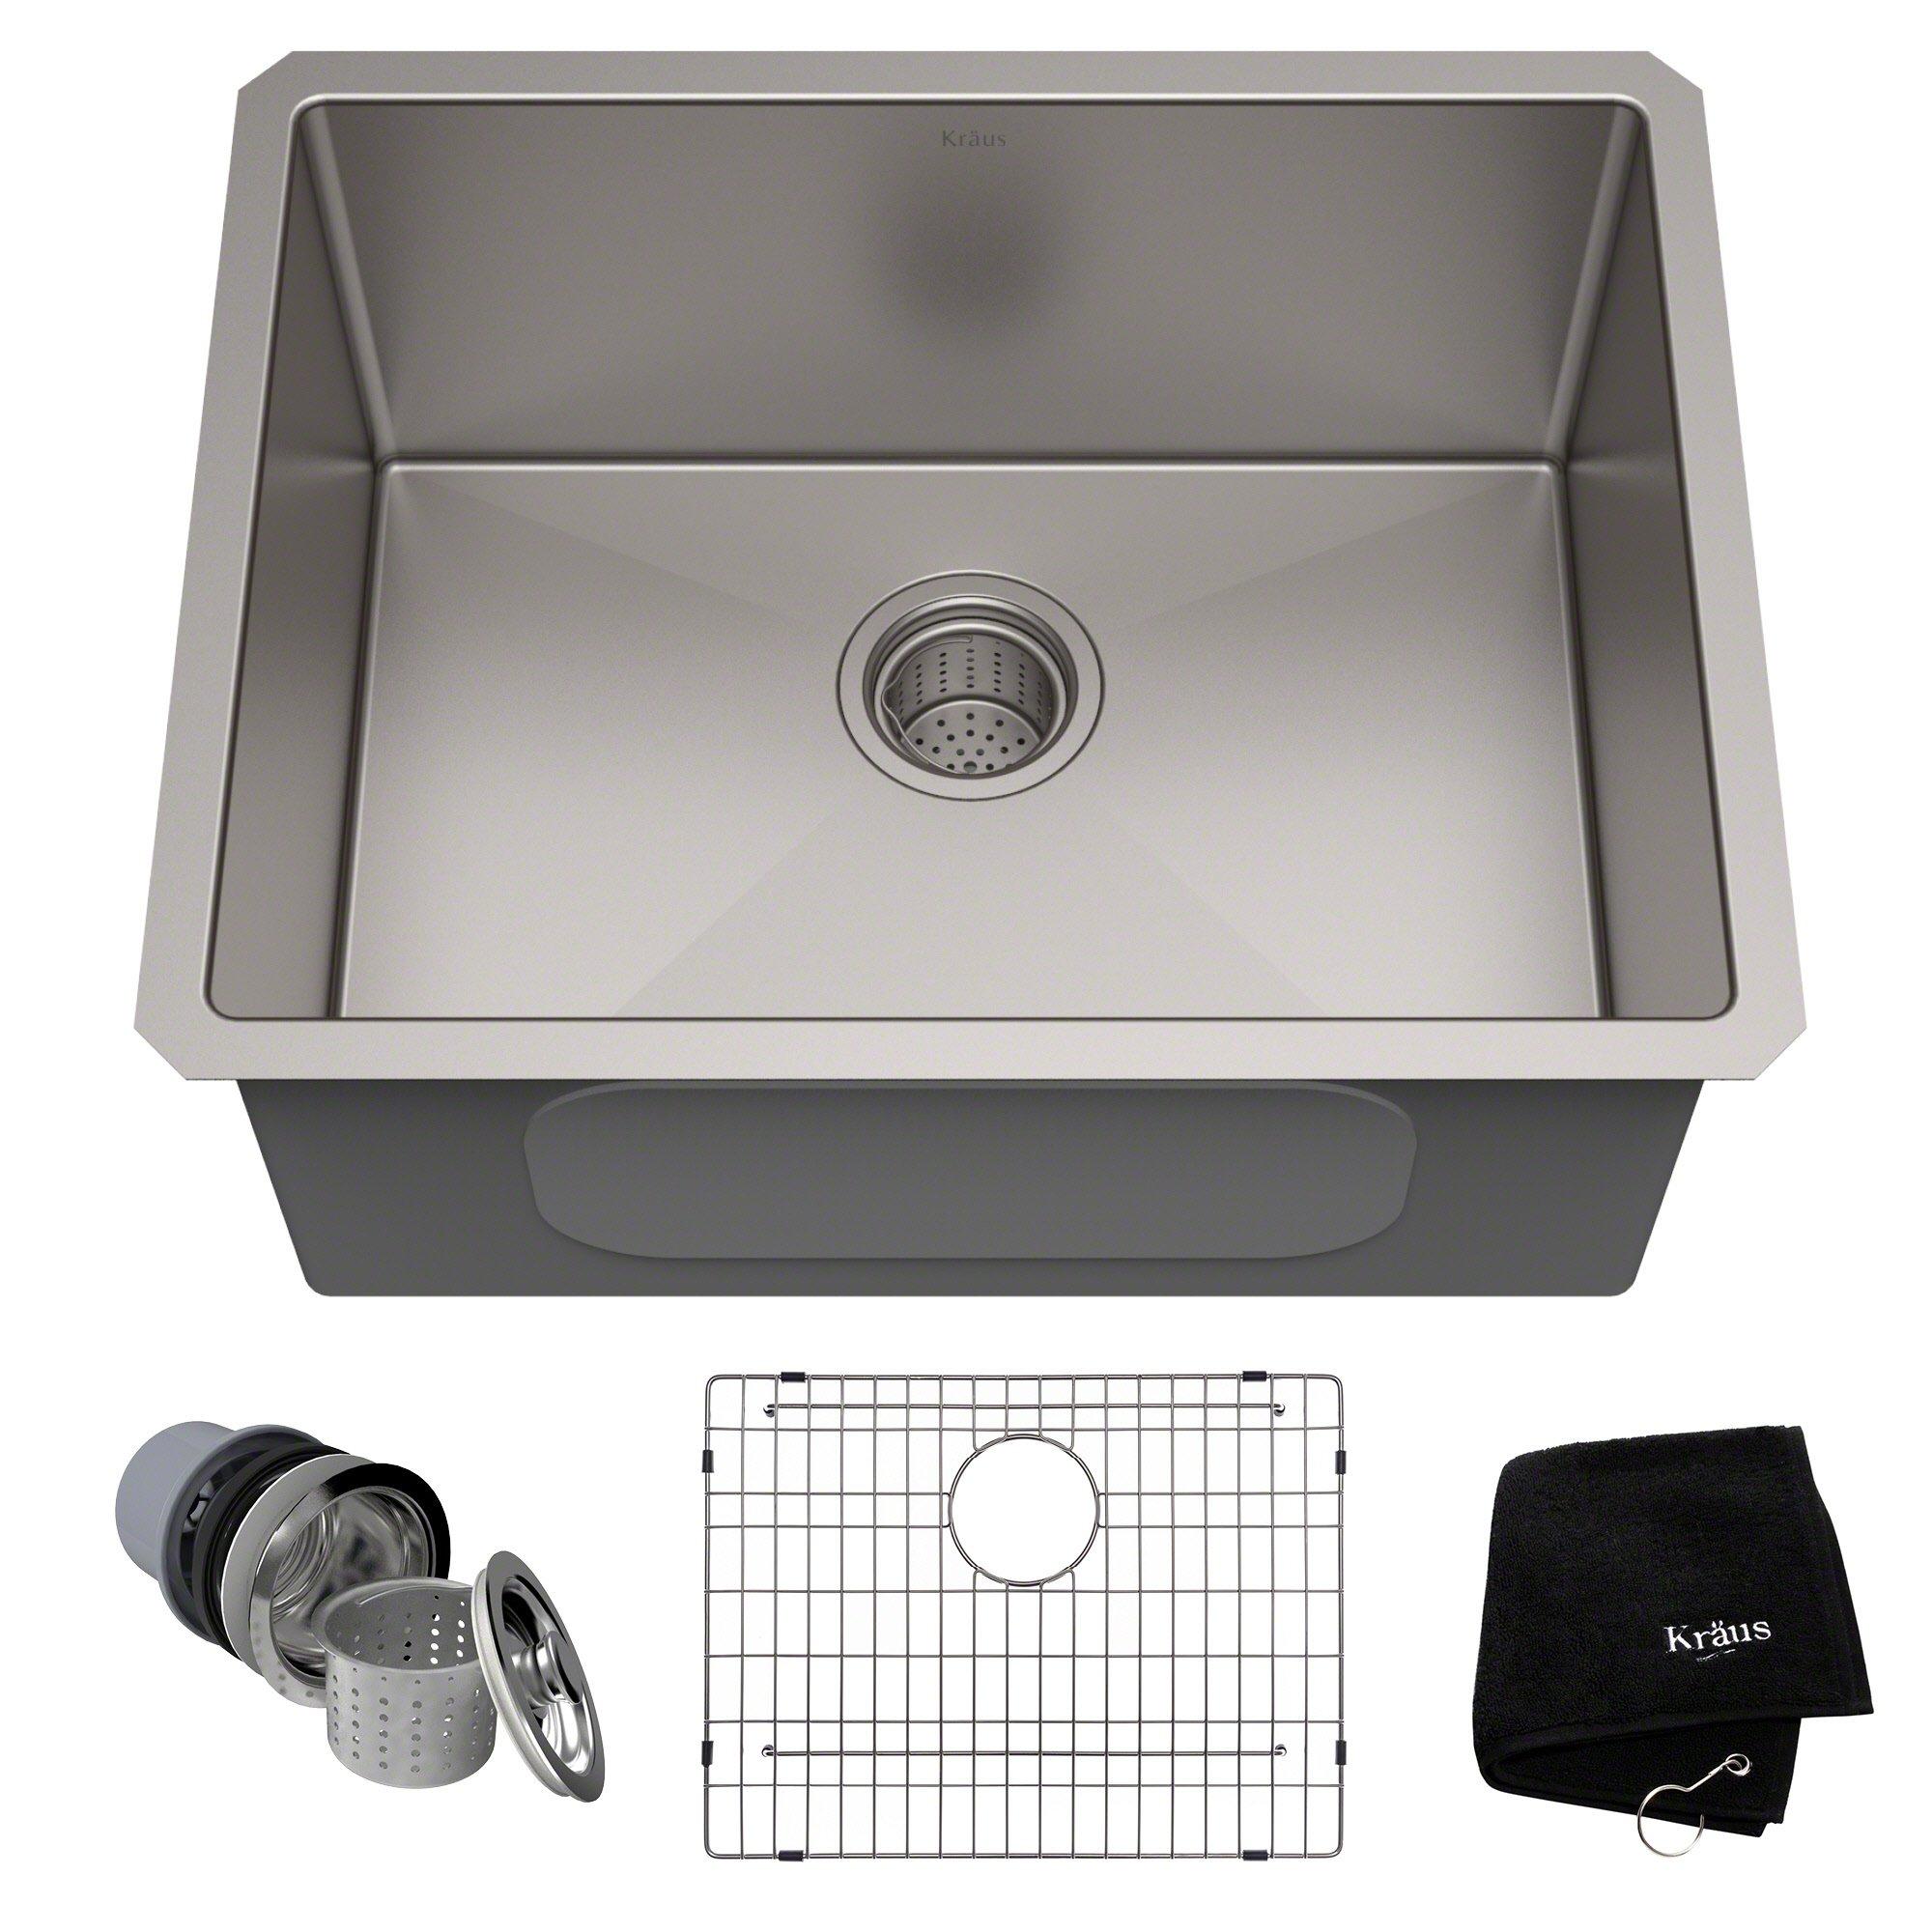 KRAUS Standart PRO 23-inch 16 Gauge Undermount Single Bowl Stainless Steel Kitchen Sink, KHU101-23